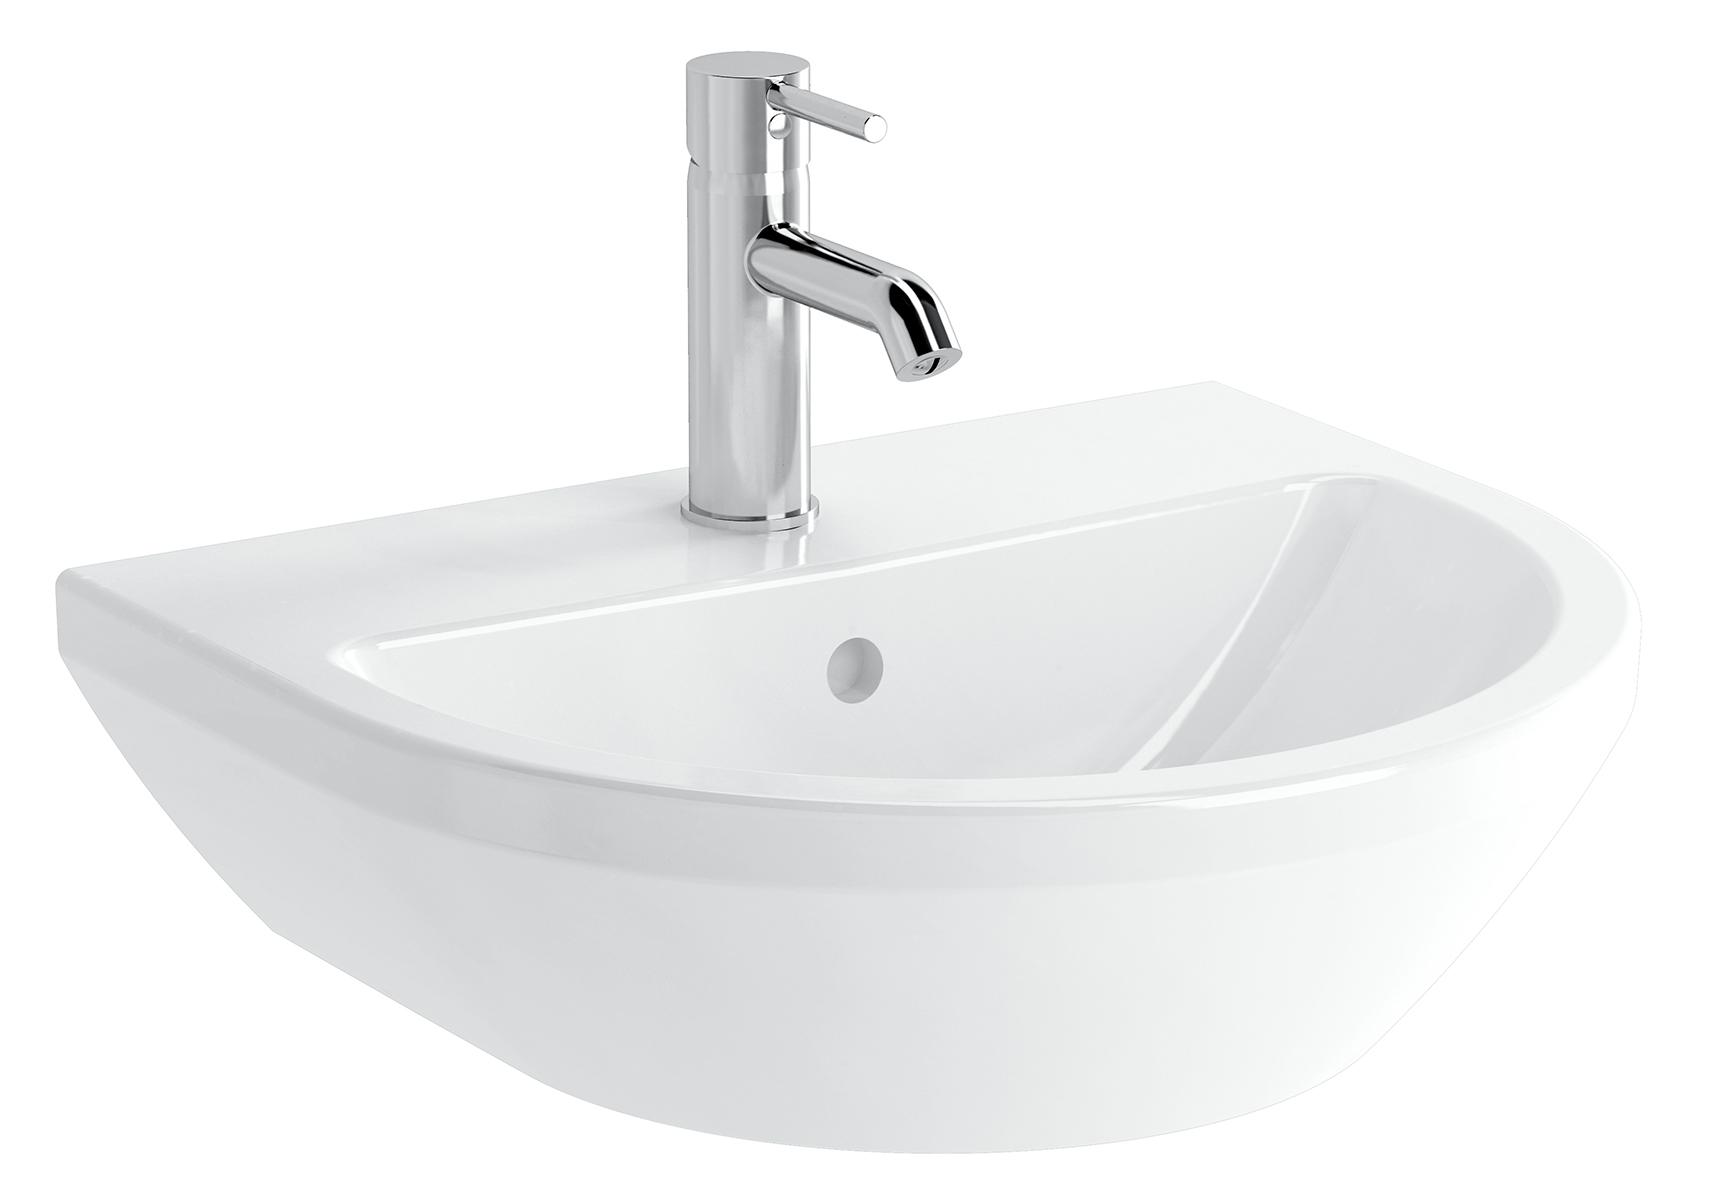 Integra lavabo rond, 50 cm, sans trou de robinet, sans trop-plein